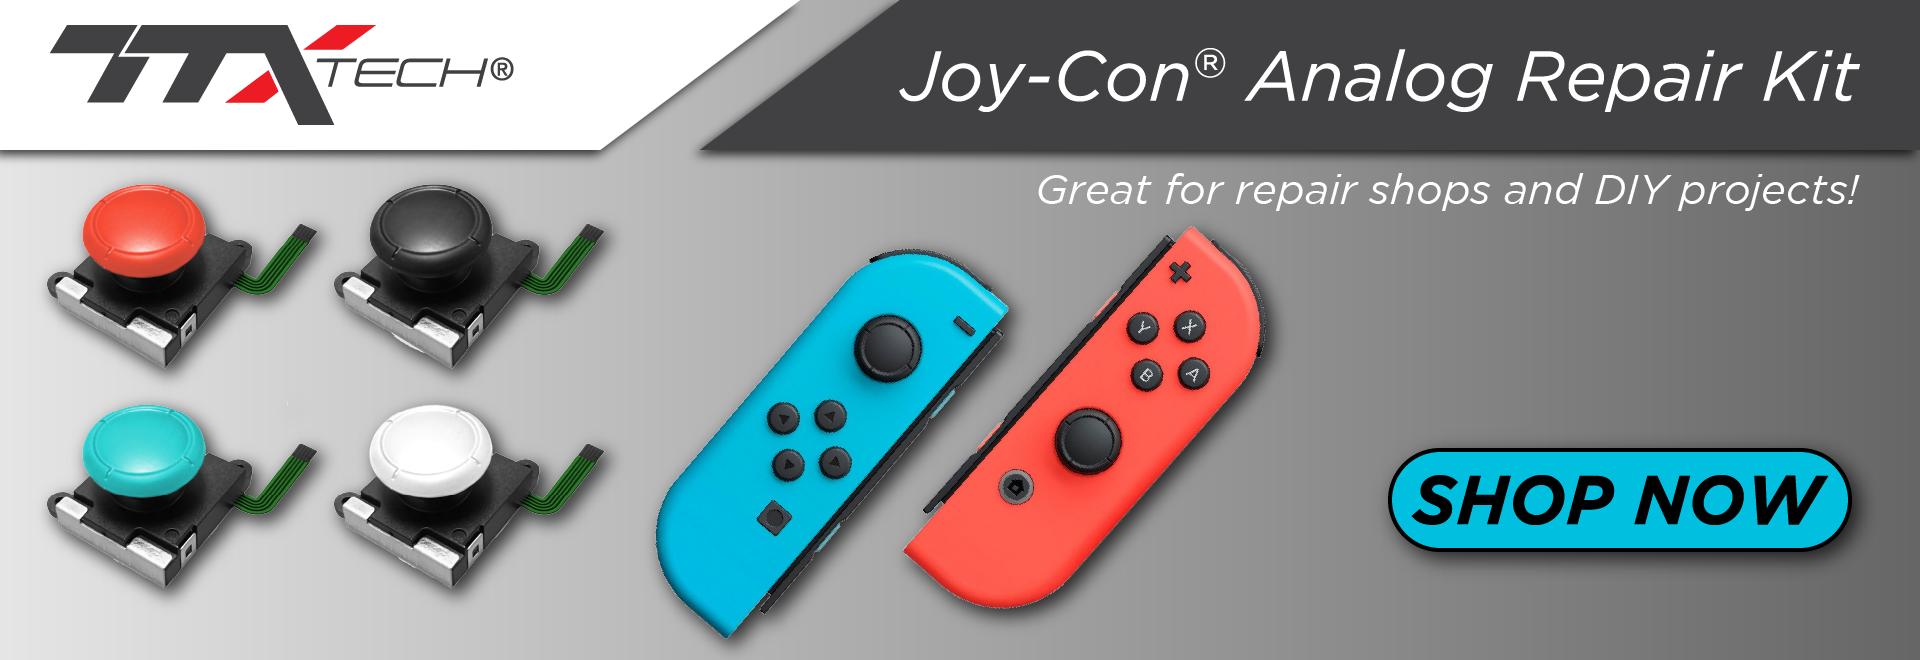 TTX Tech - Joy-Con Analog Repair Kit